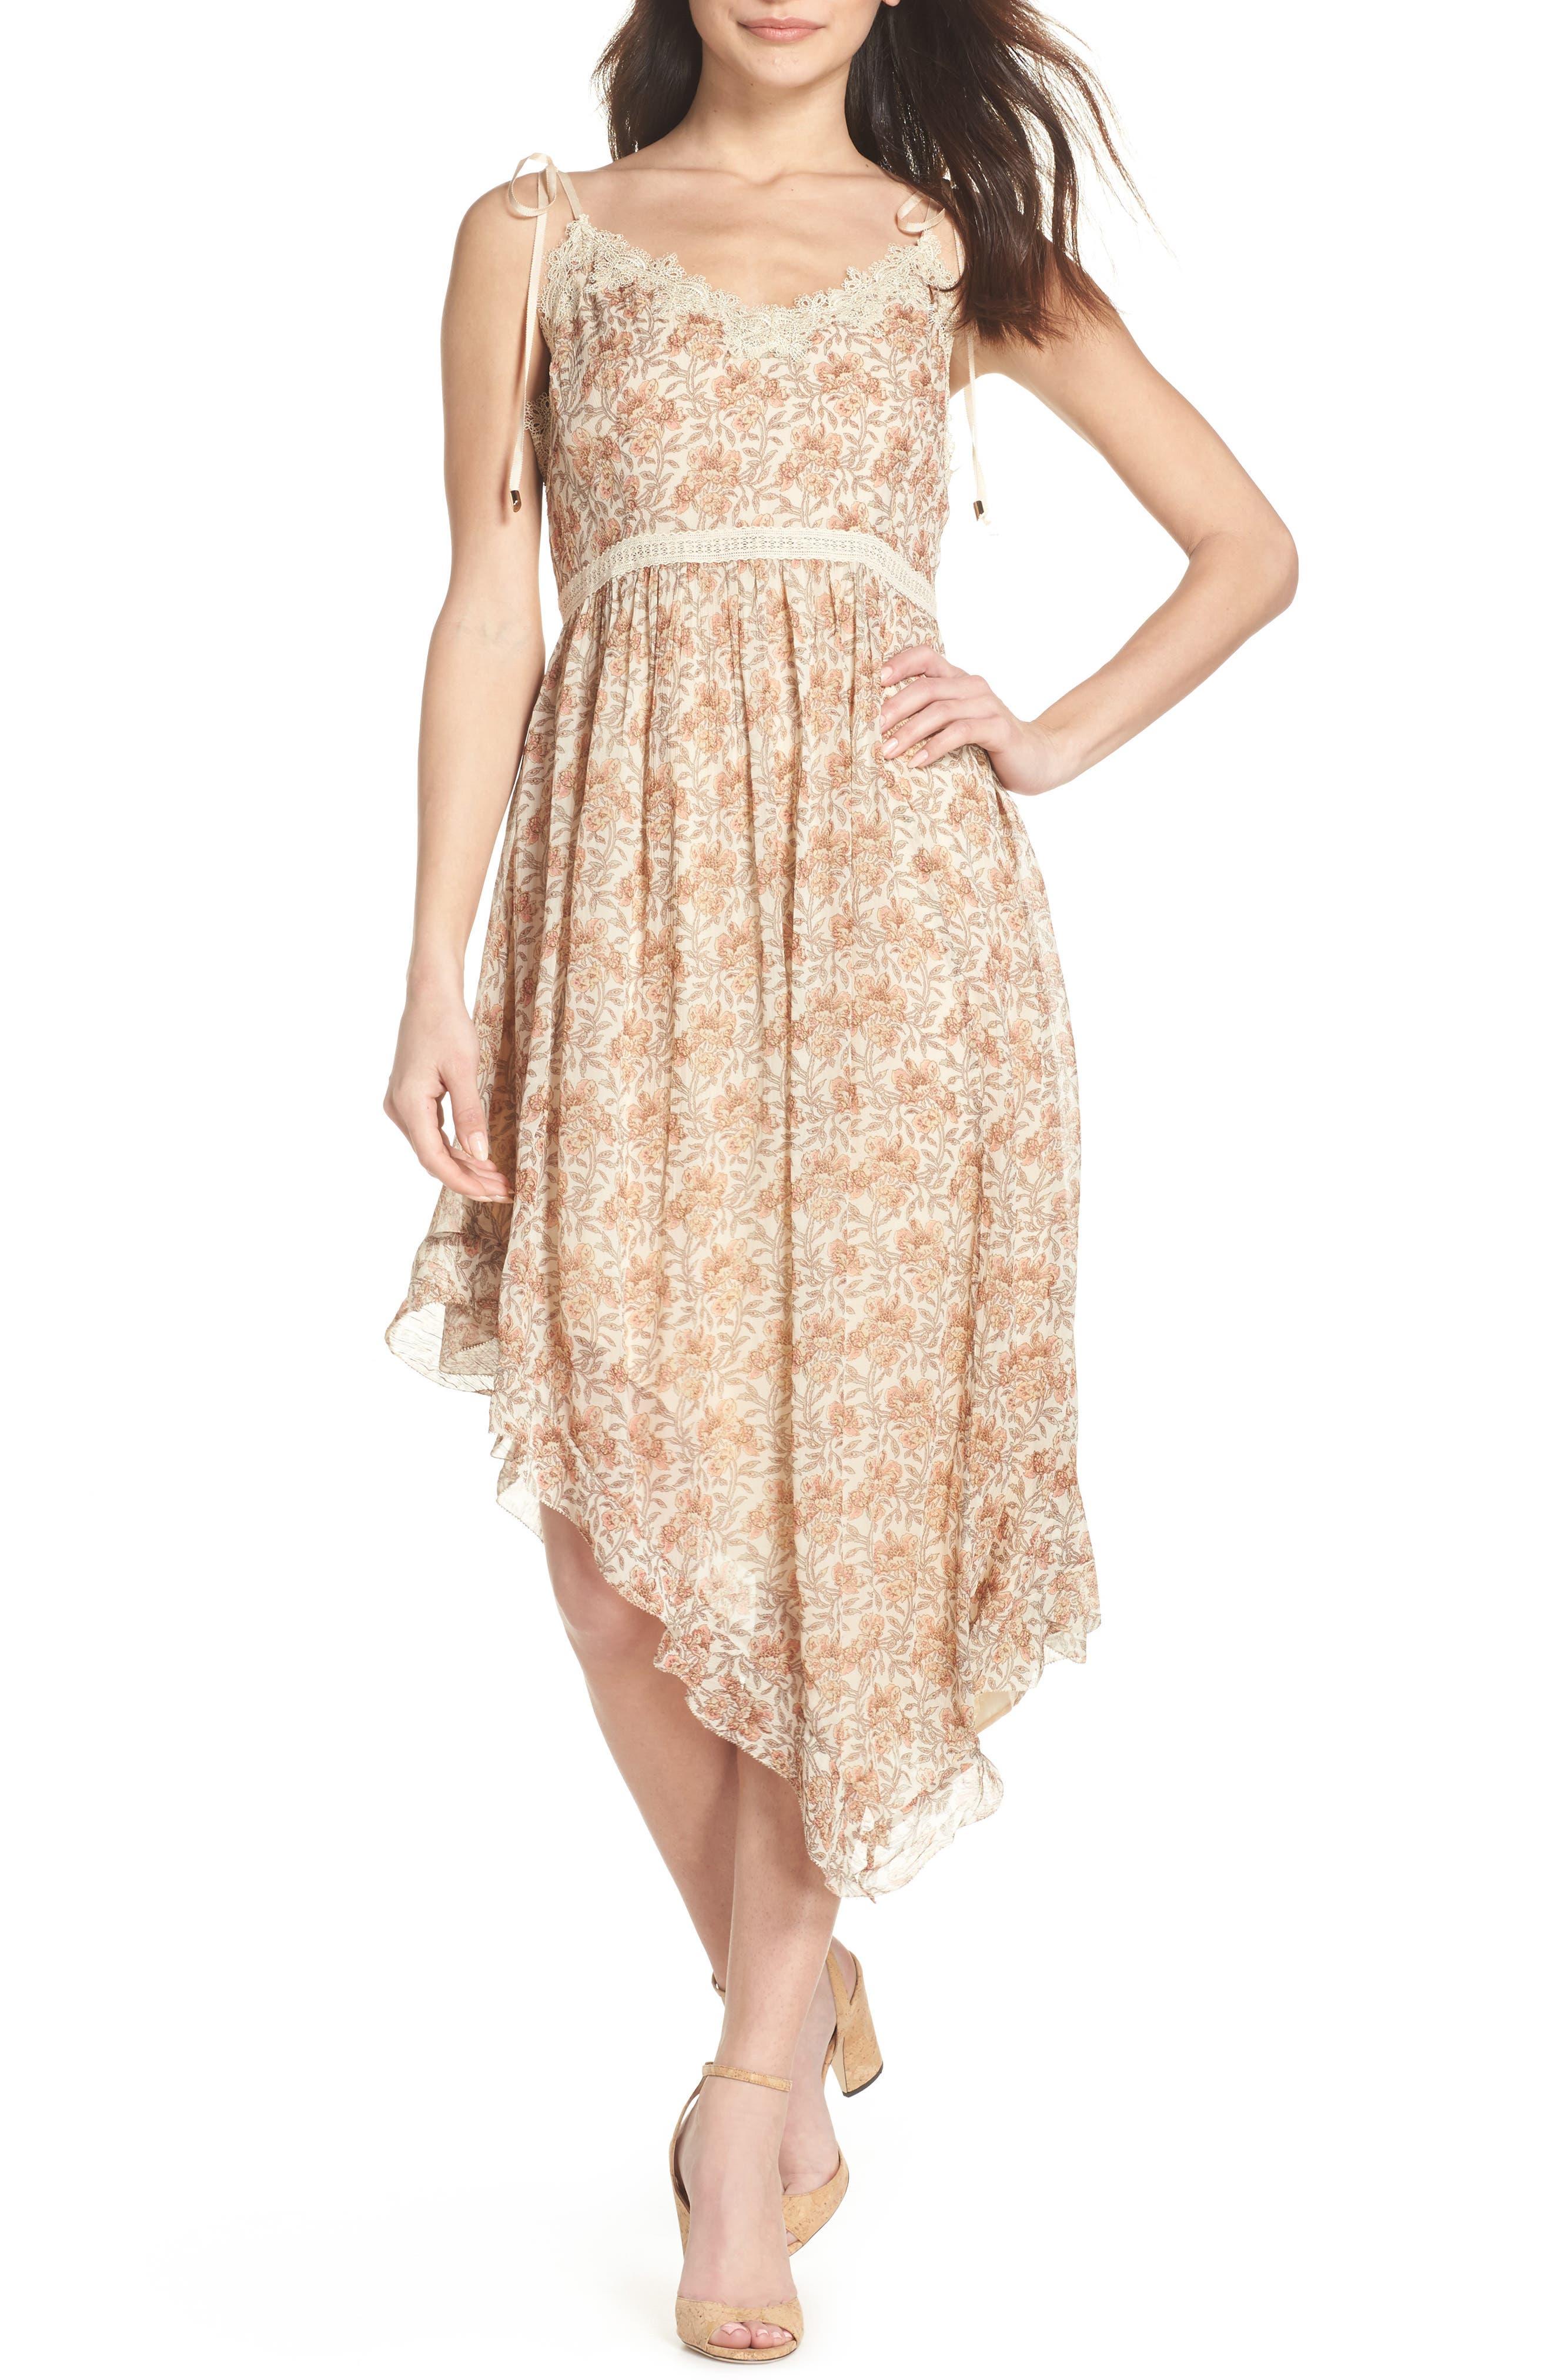 Aubrey Floral Print Dress,                         Main,                         color, Desert Sunrise Floral